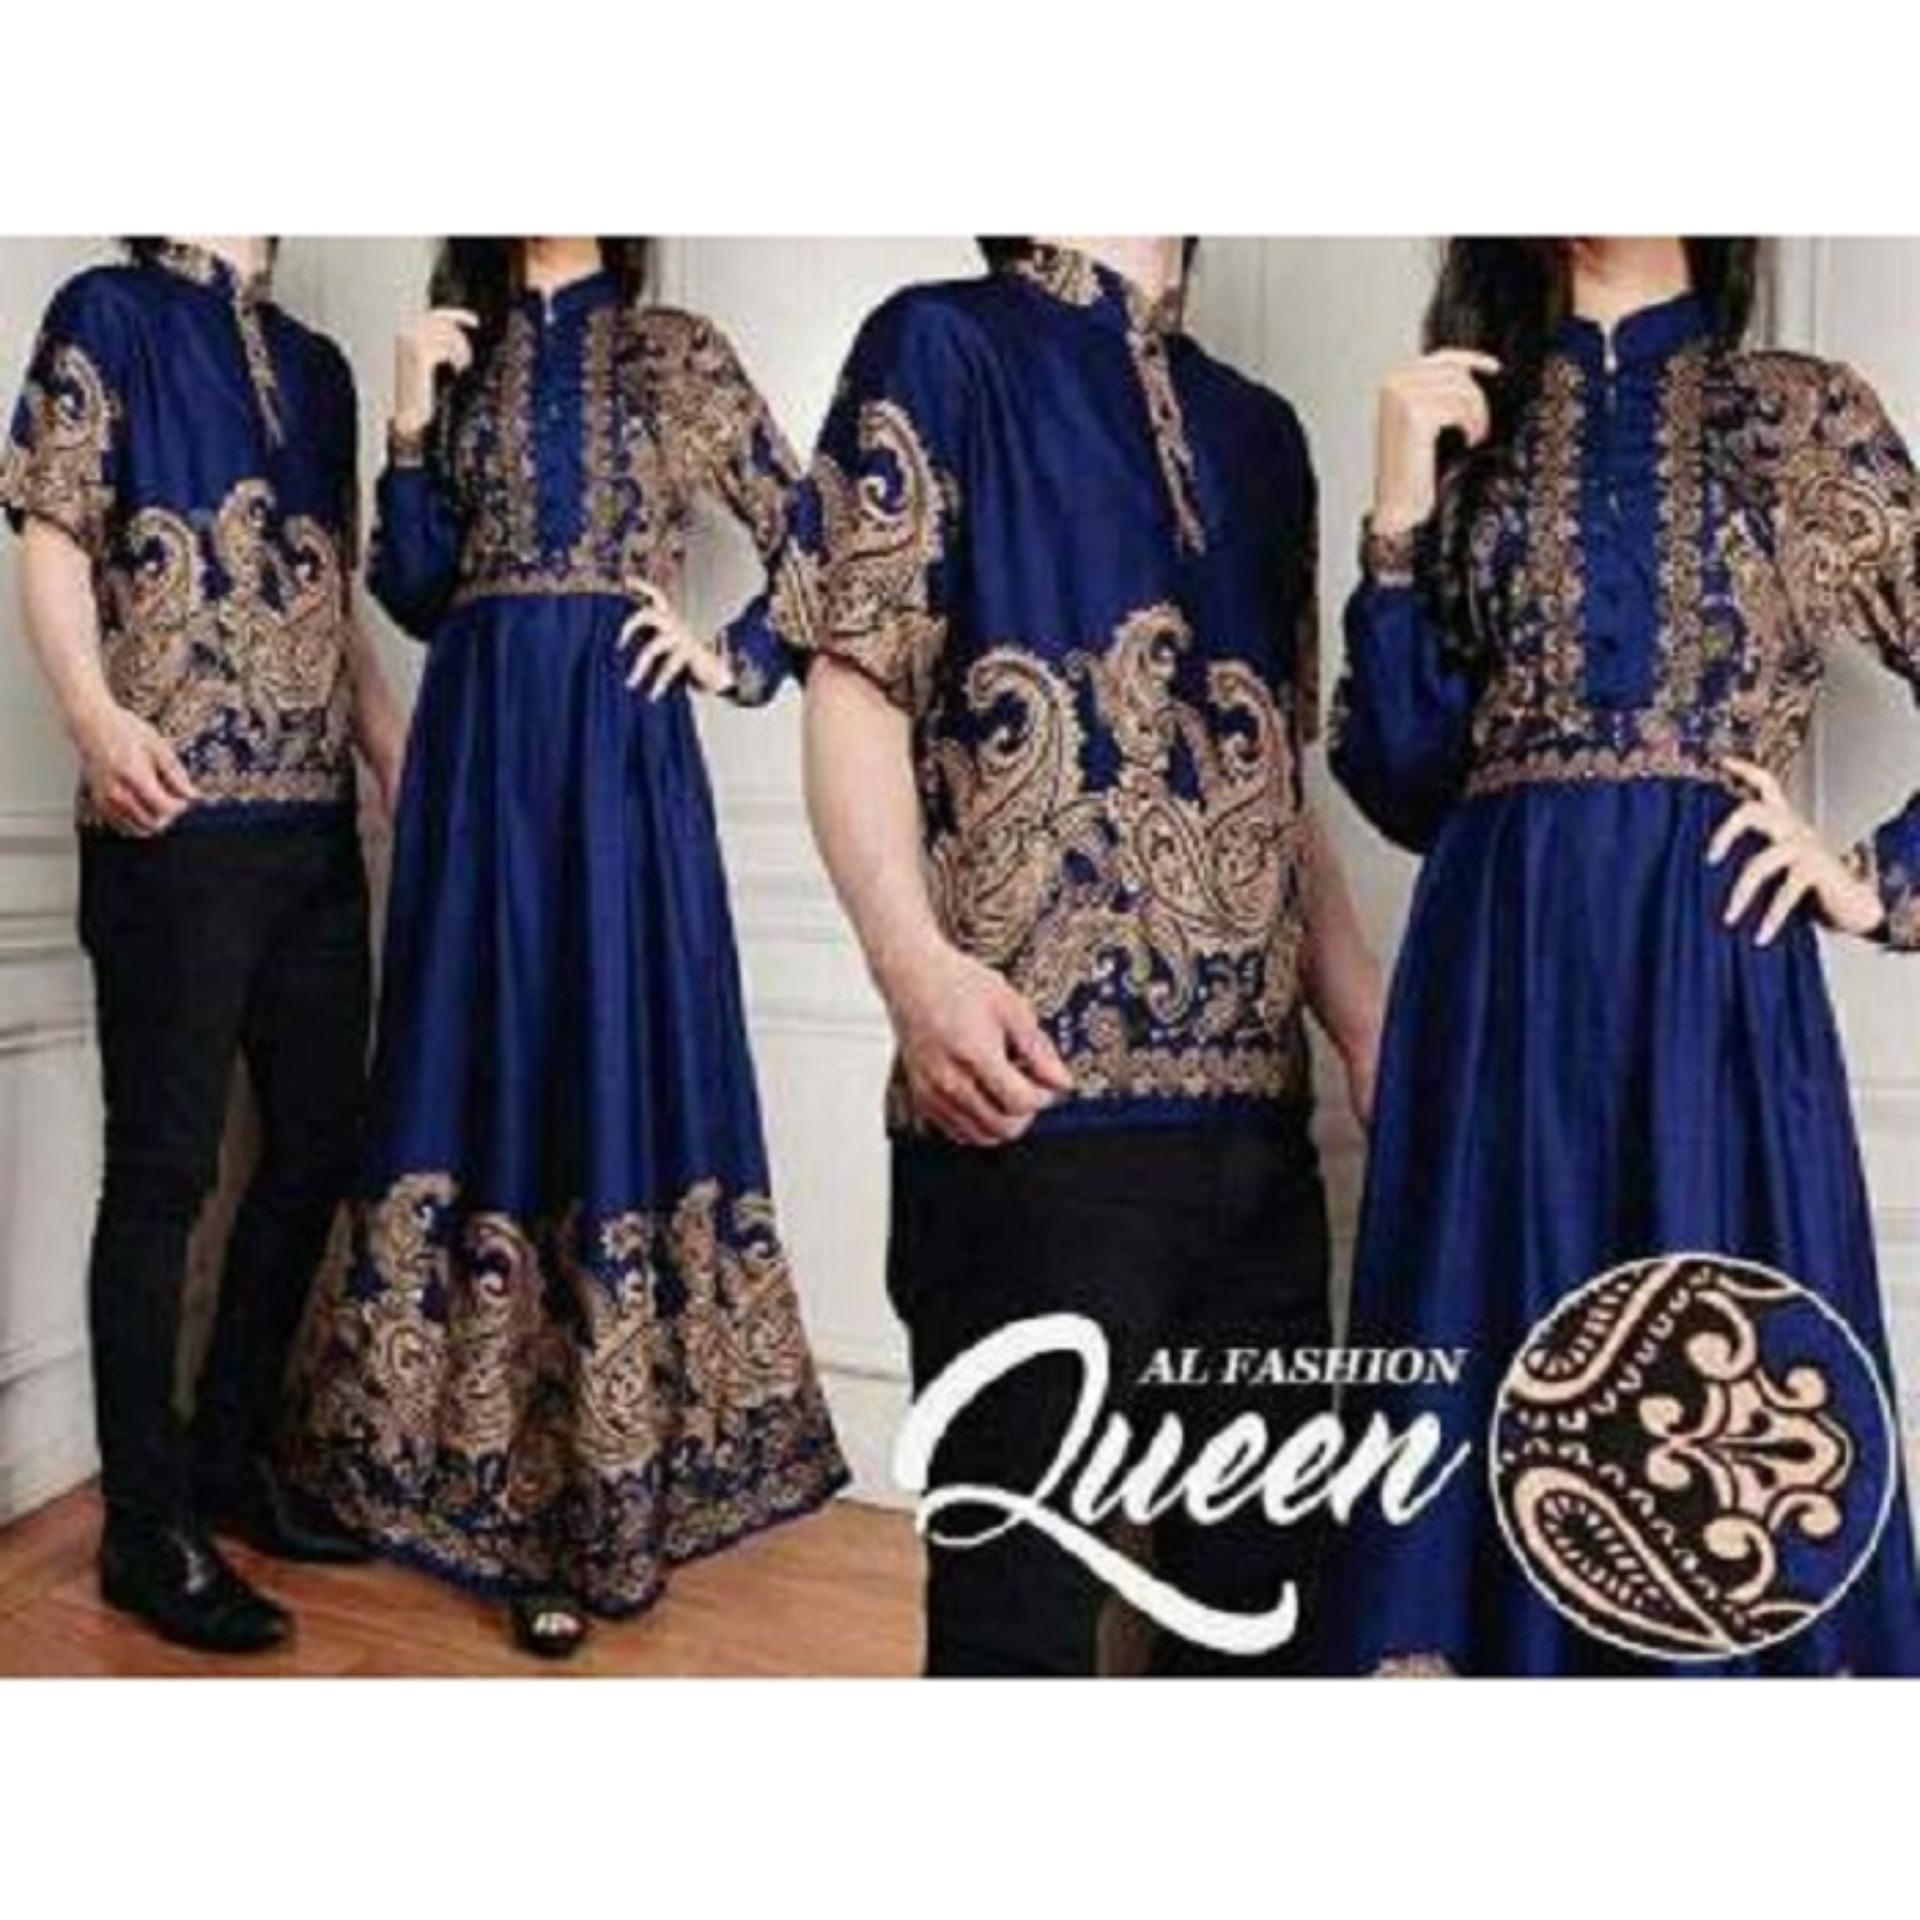 ... dress cewek) Baju Online - Pakaian Couple Muslim Batik Modern Sarimbit  Keluarga - Kemeja Koko Pria Lengan Pendek 053d2a2bb1